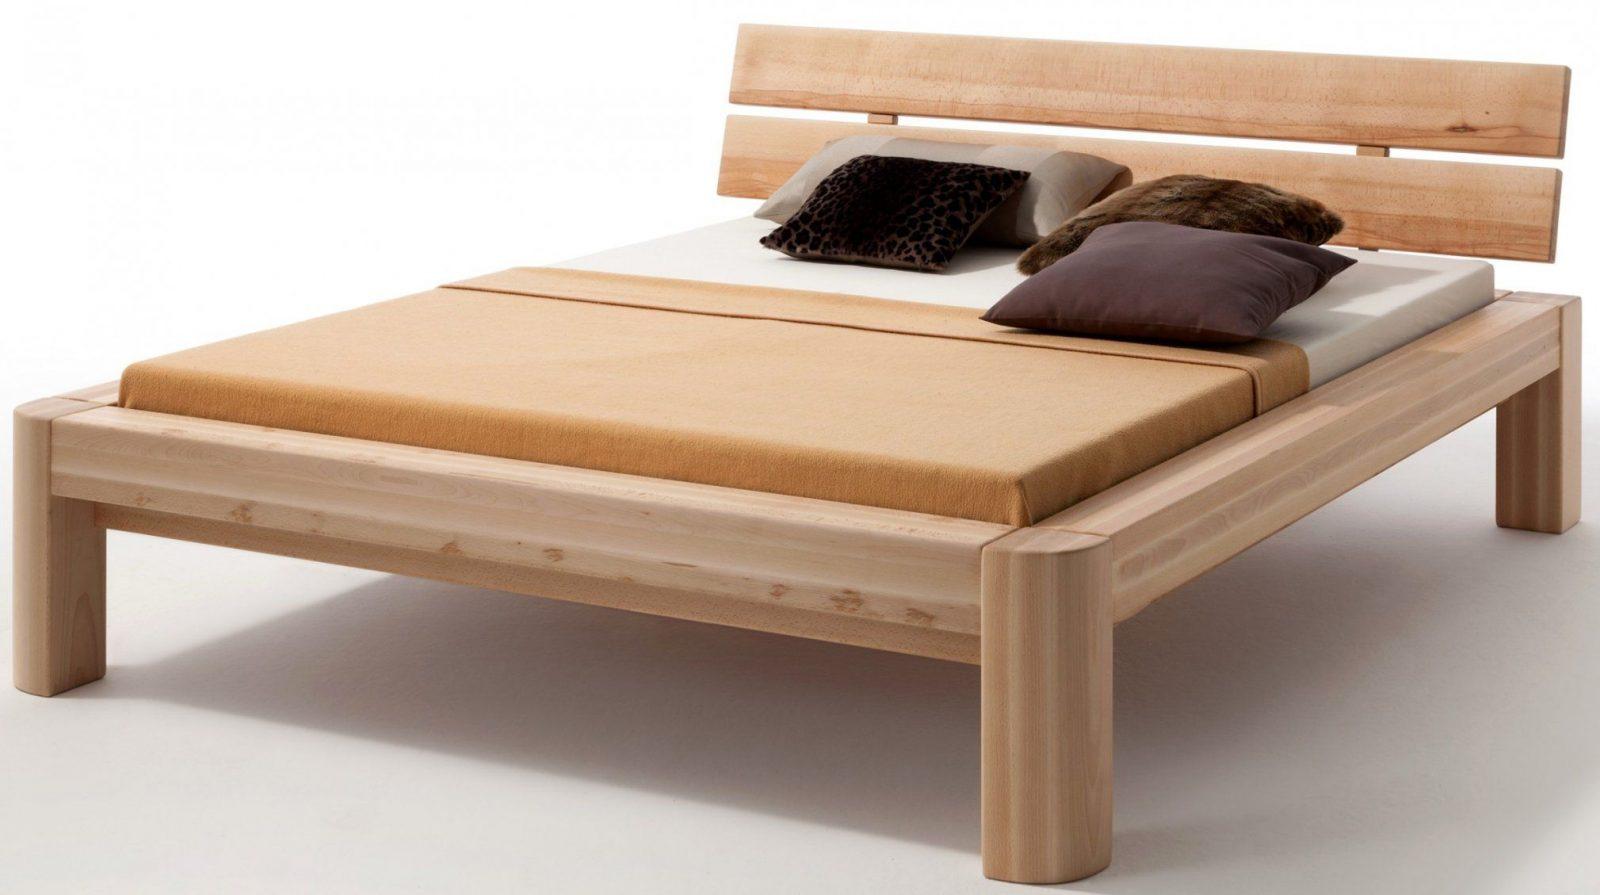 Interessant Bettgestell0X200 Holz Gebraucht Bett Selber Bauen Mit von Bett Bauen Mit Stauraum Bild